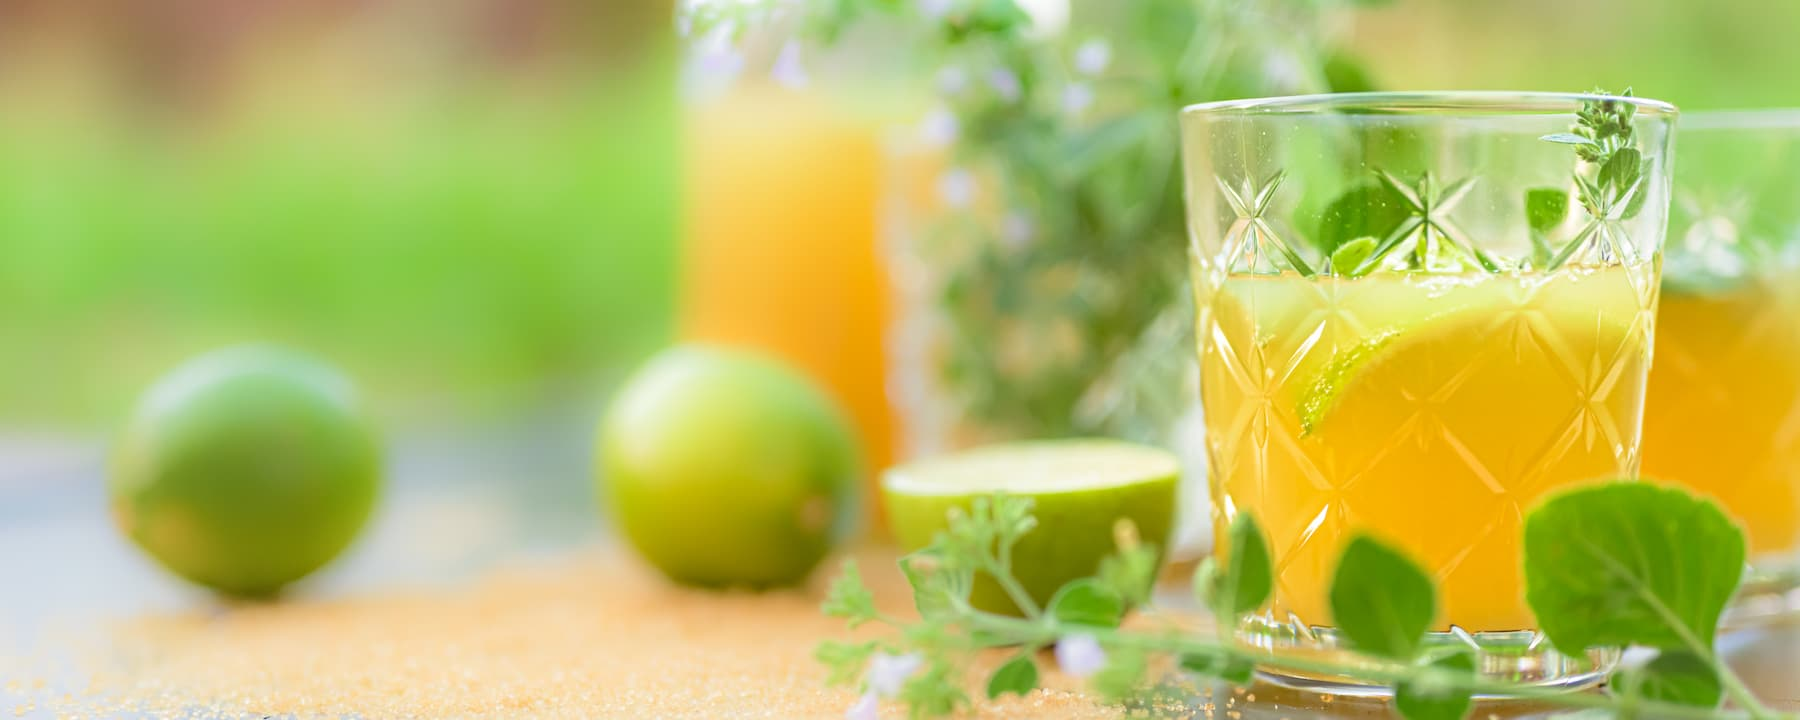 drink z sokiem pomarańczowym i limonką